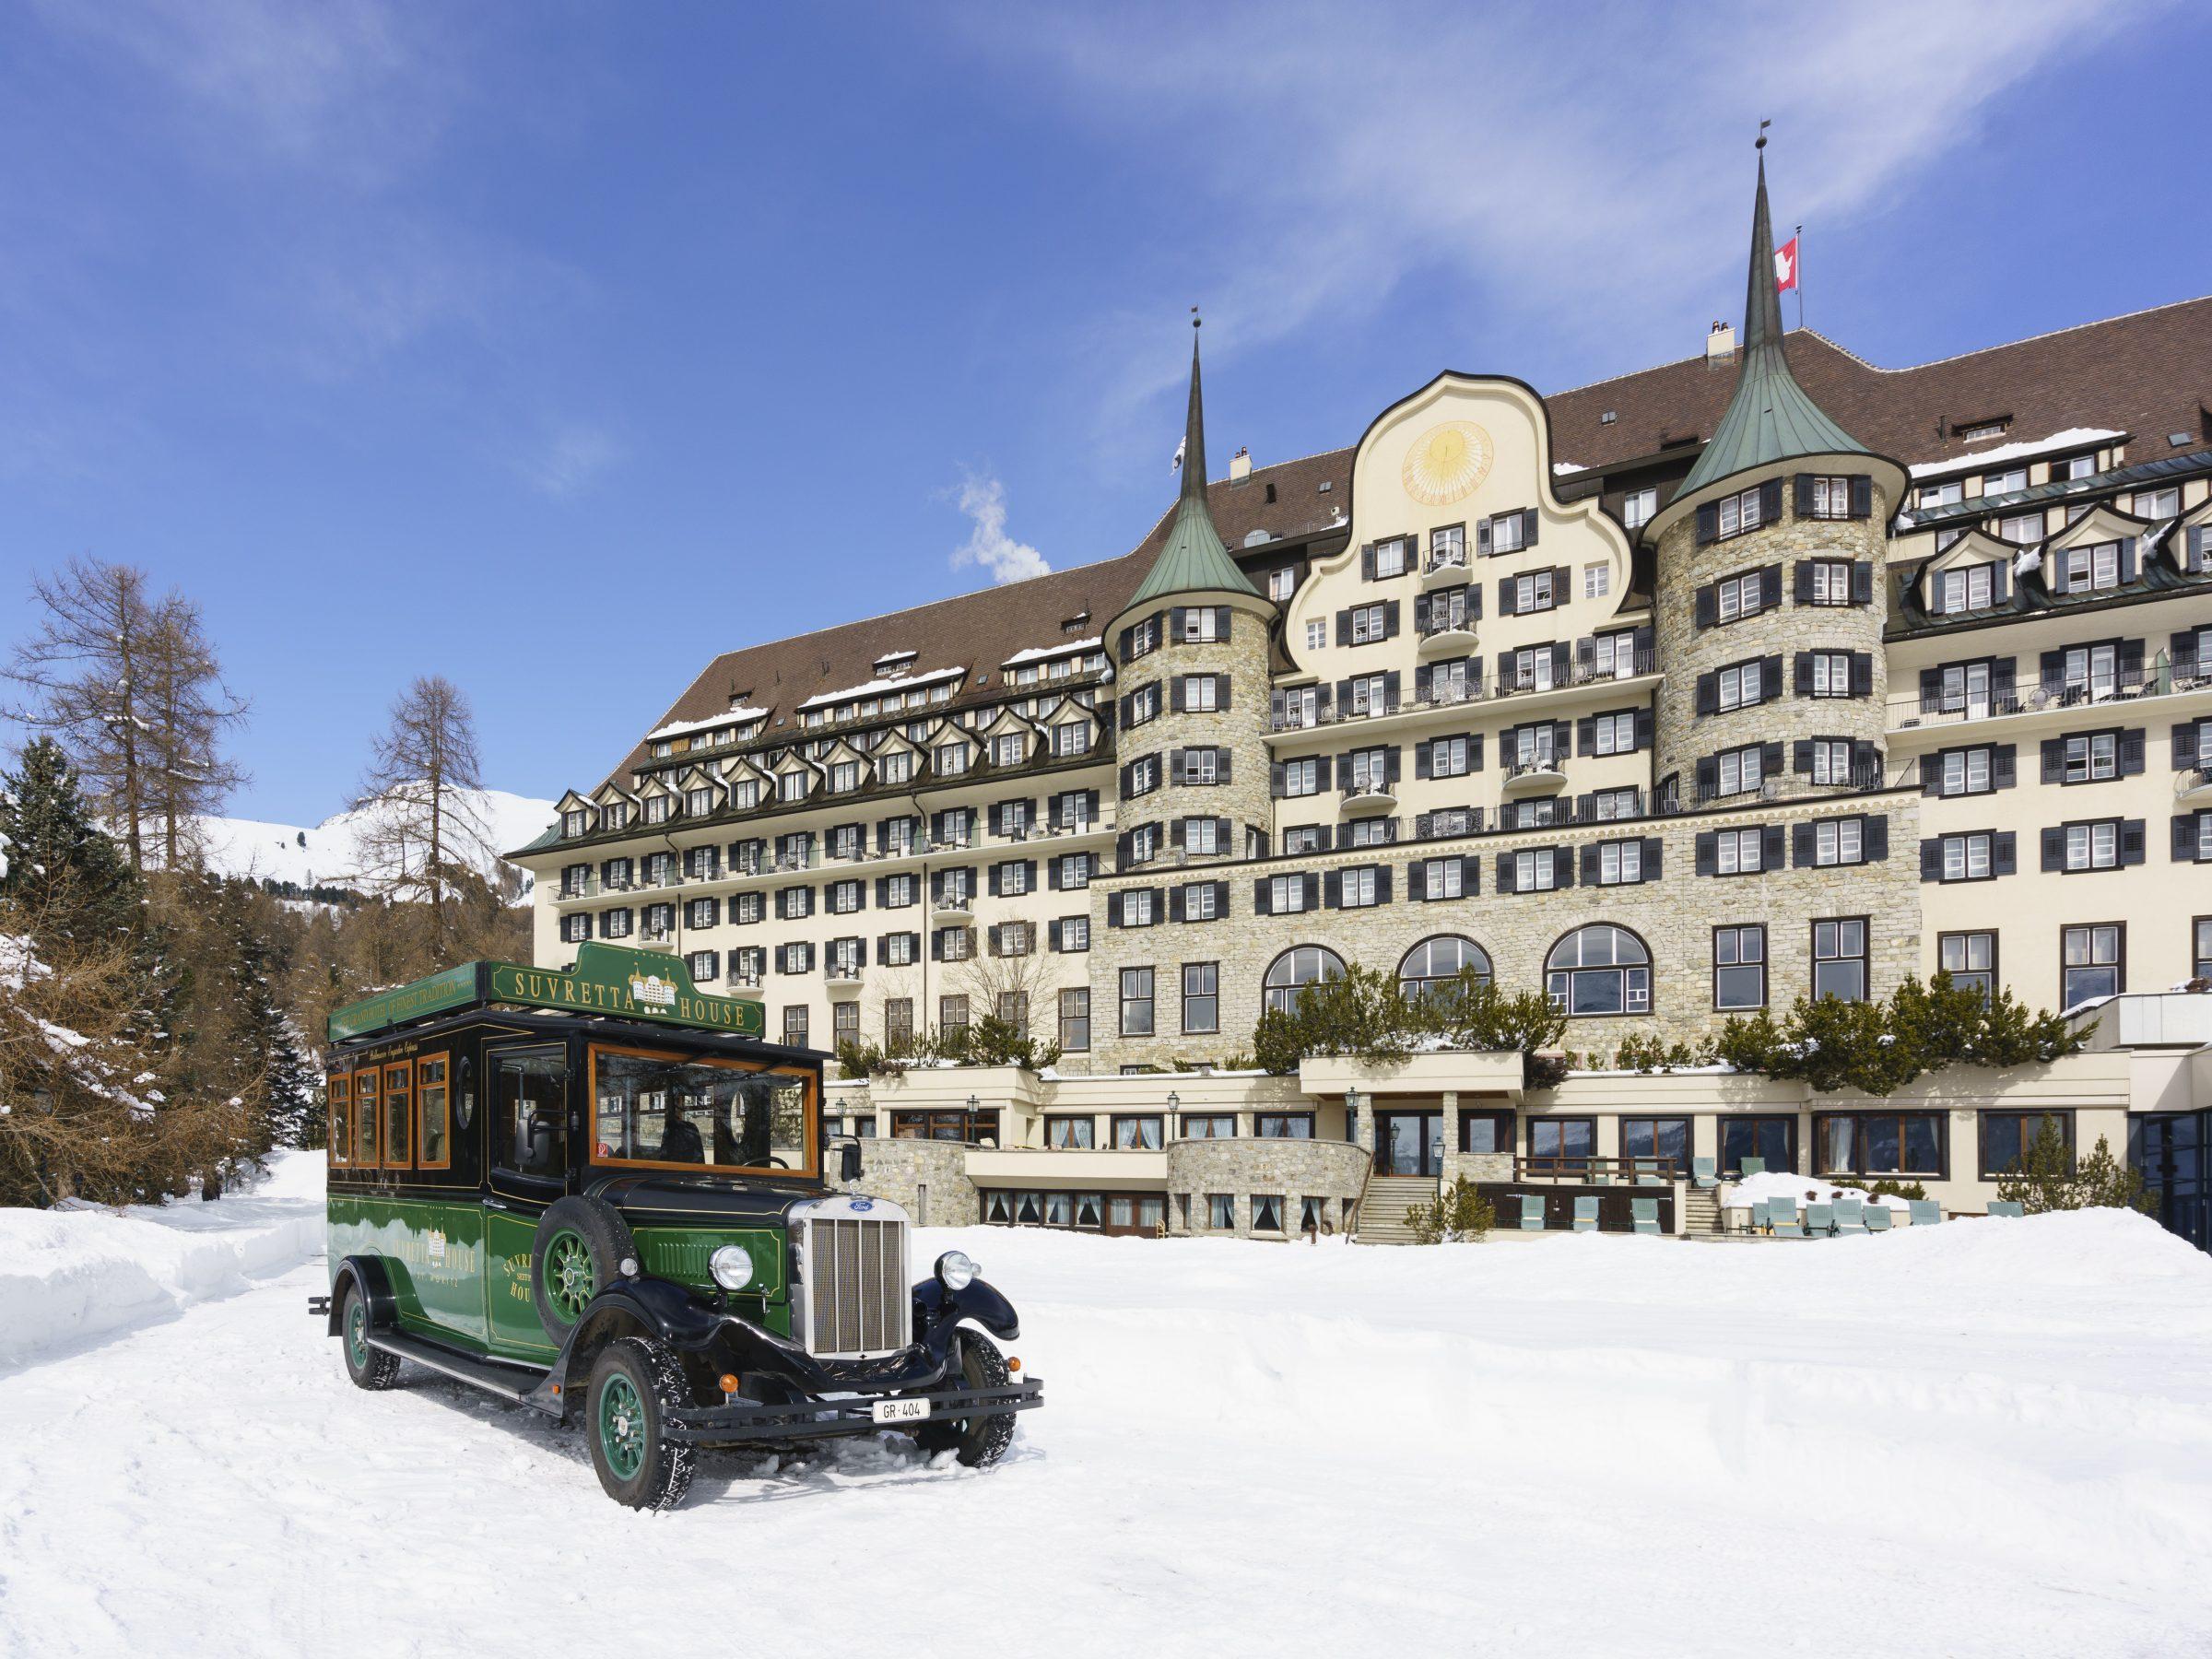 hotelford-winter